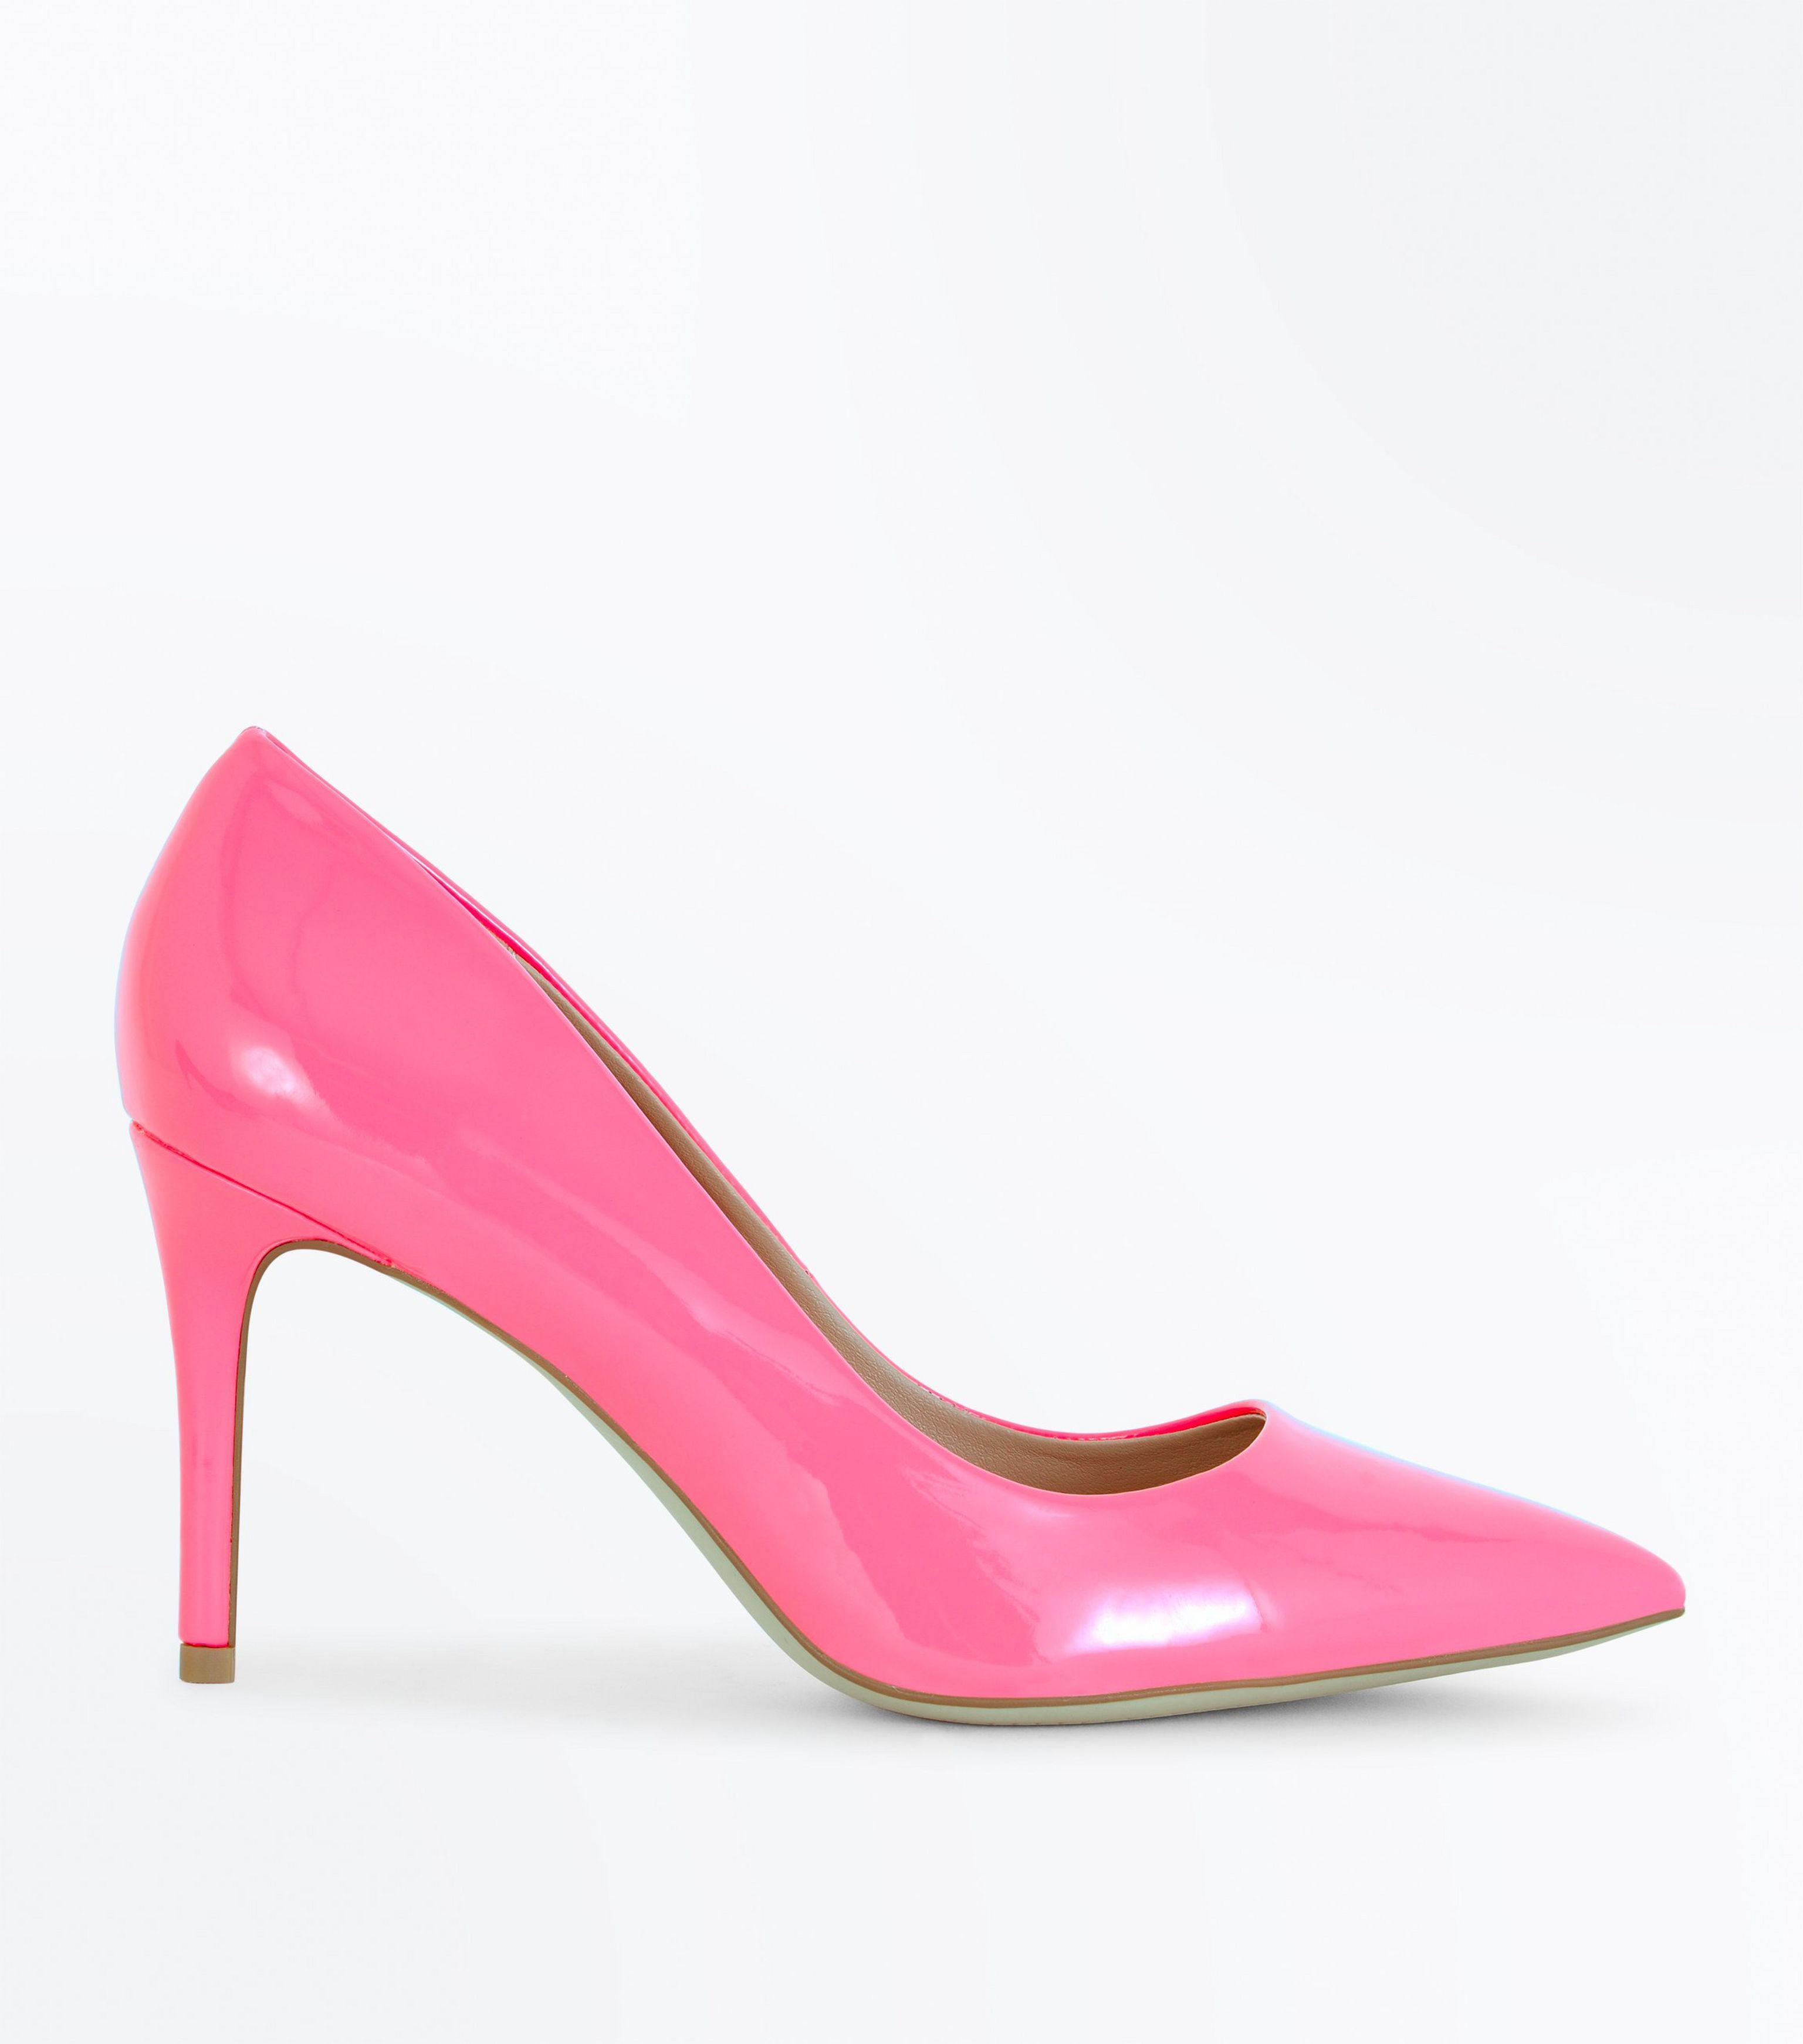 Nouveau Brevet Look A Chaussure Haute Cour - Rose q0rSznn2C